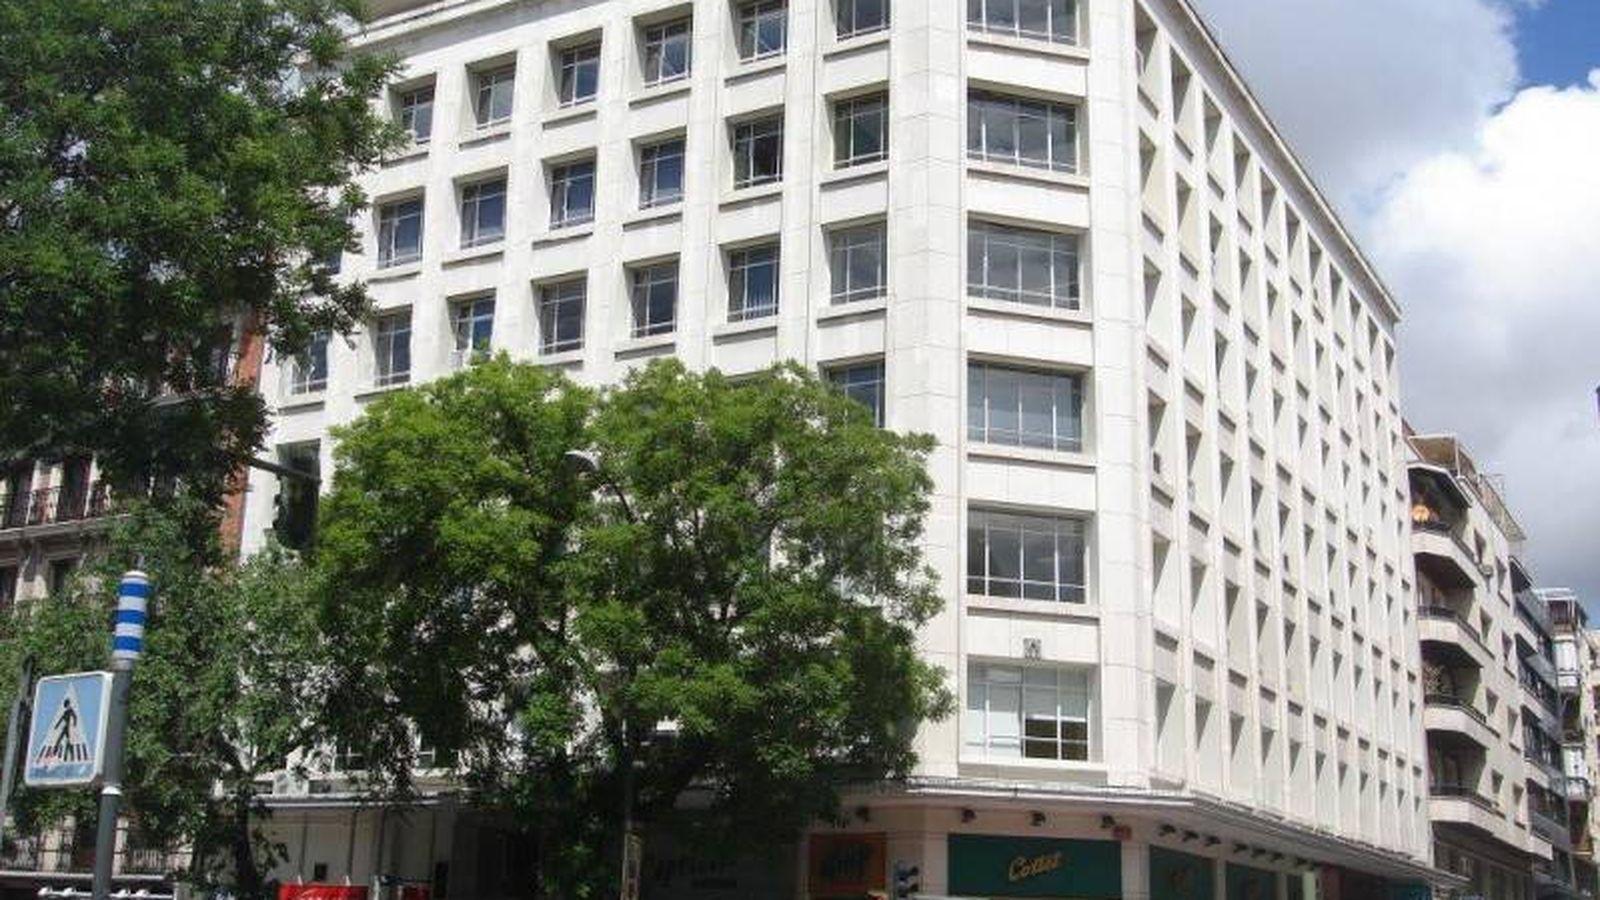 Foto: Edificio de Eloy Gonzalo propiedad de Lar que quiere comprar Colonial.